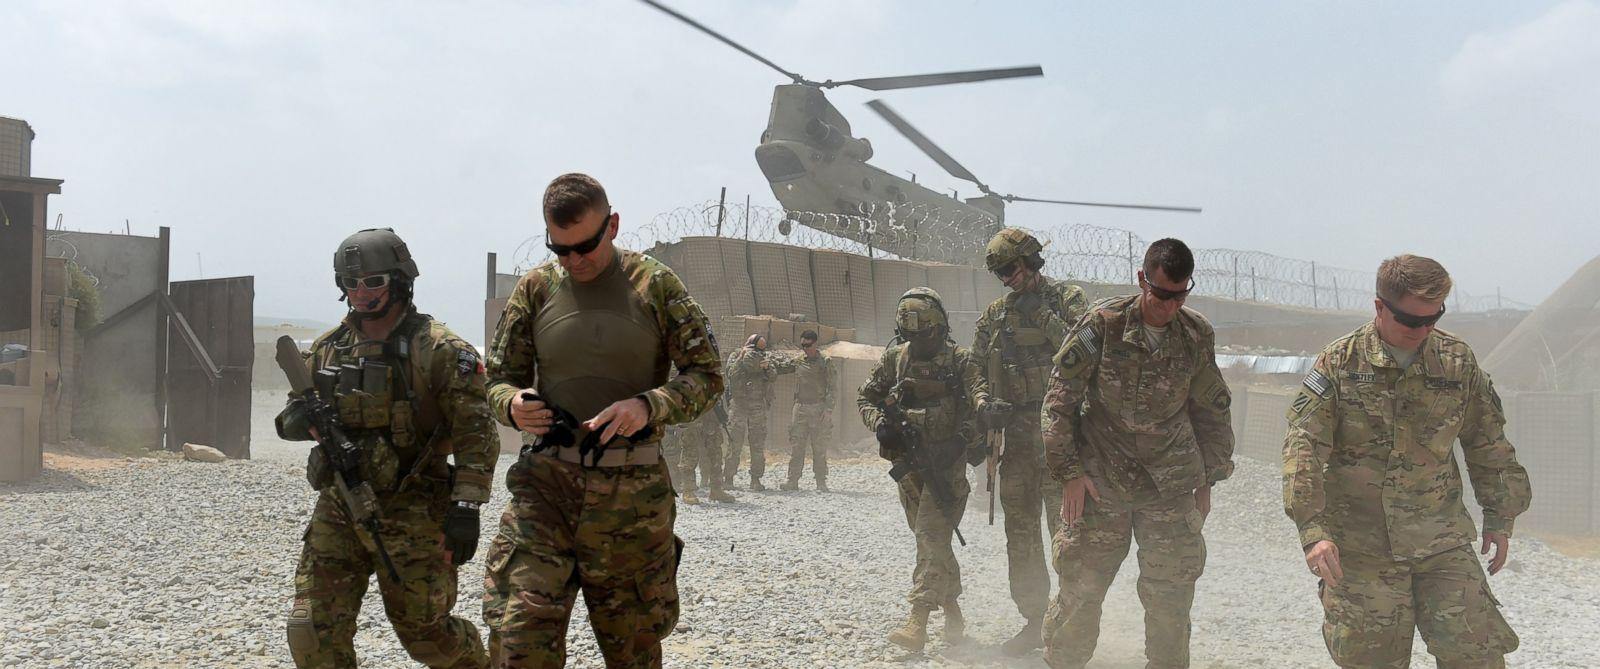 Đặc nhiệm Mỹ đột kích nhà tù Taliban cứu 60 người - 1